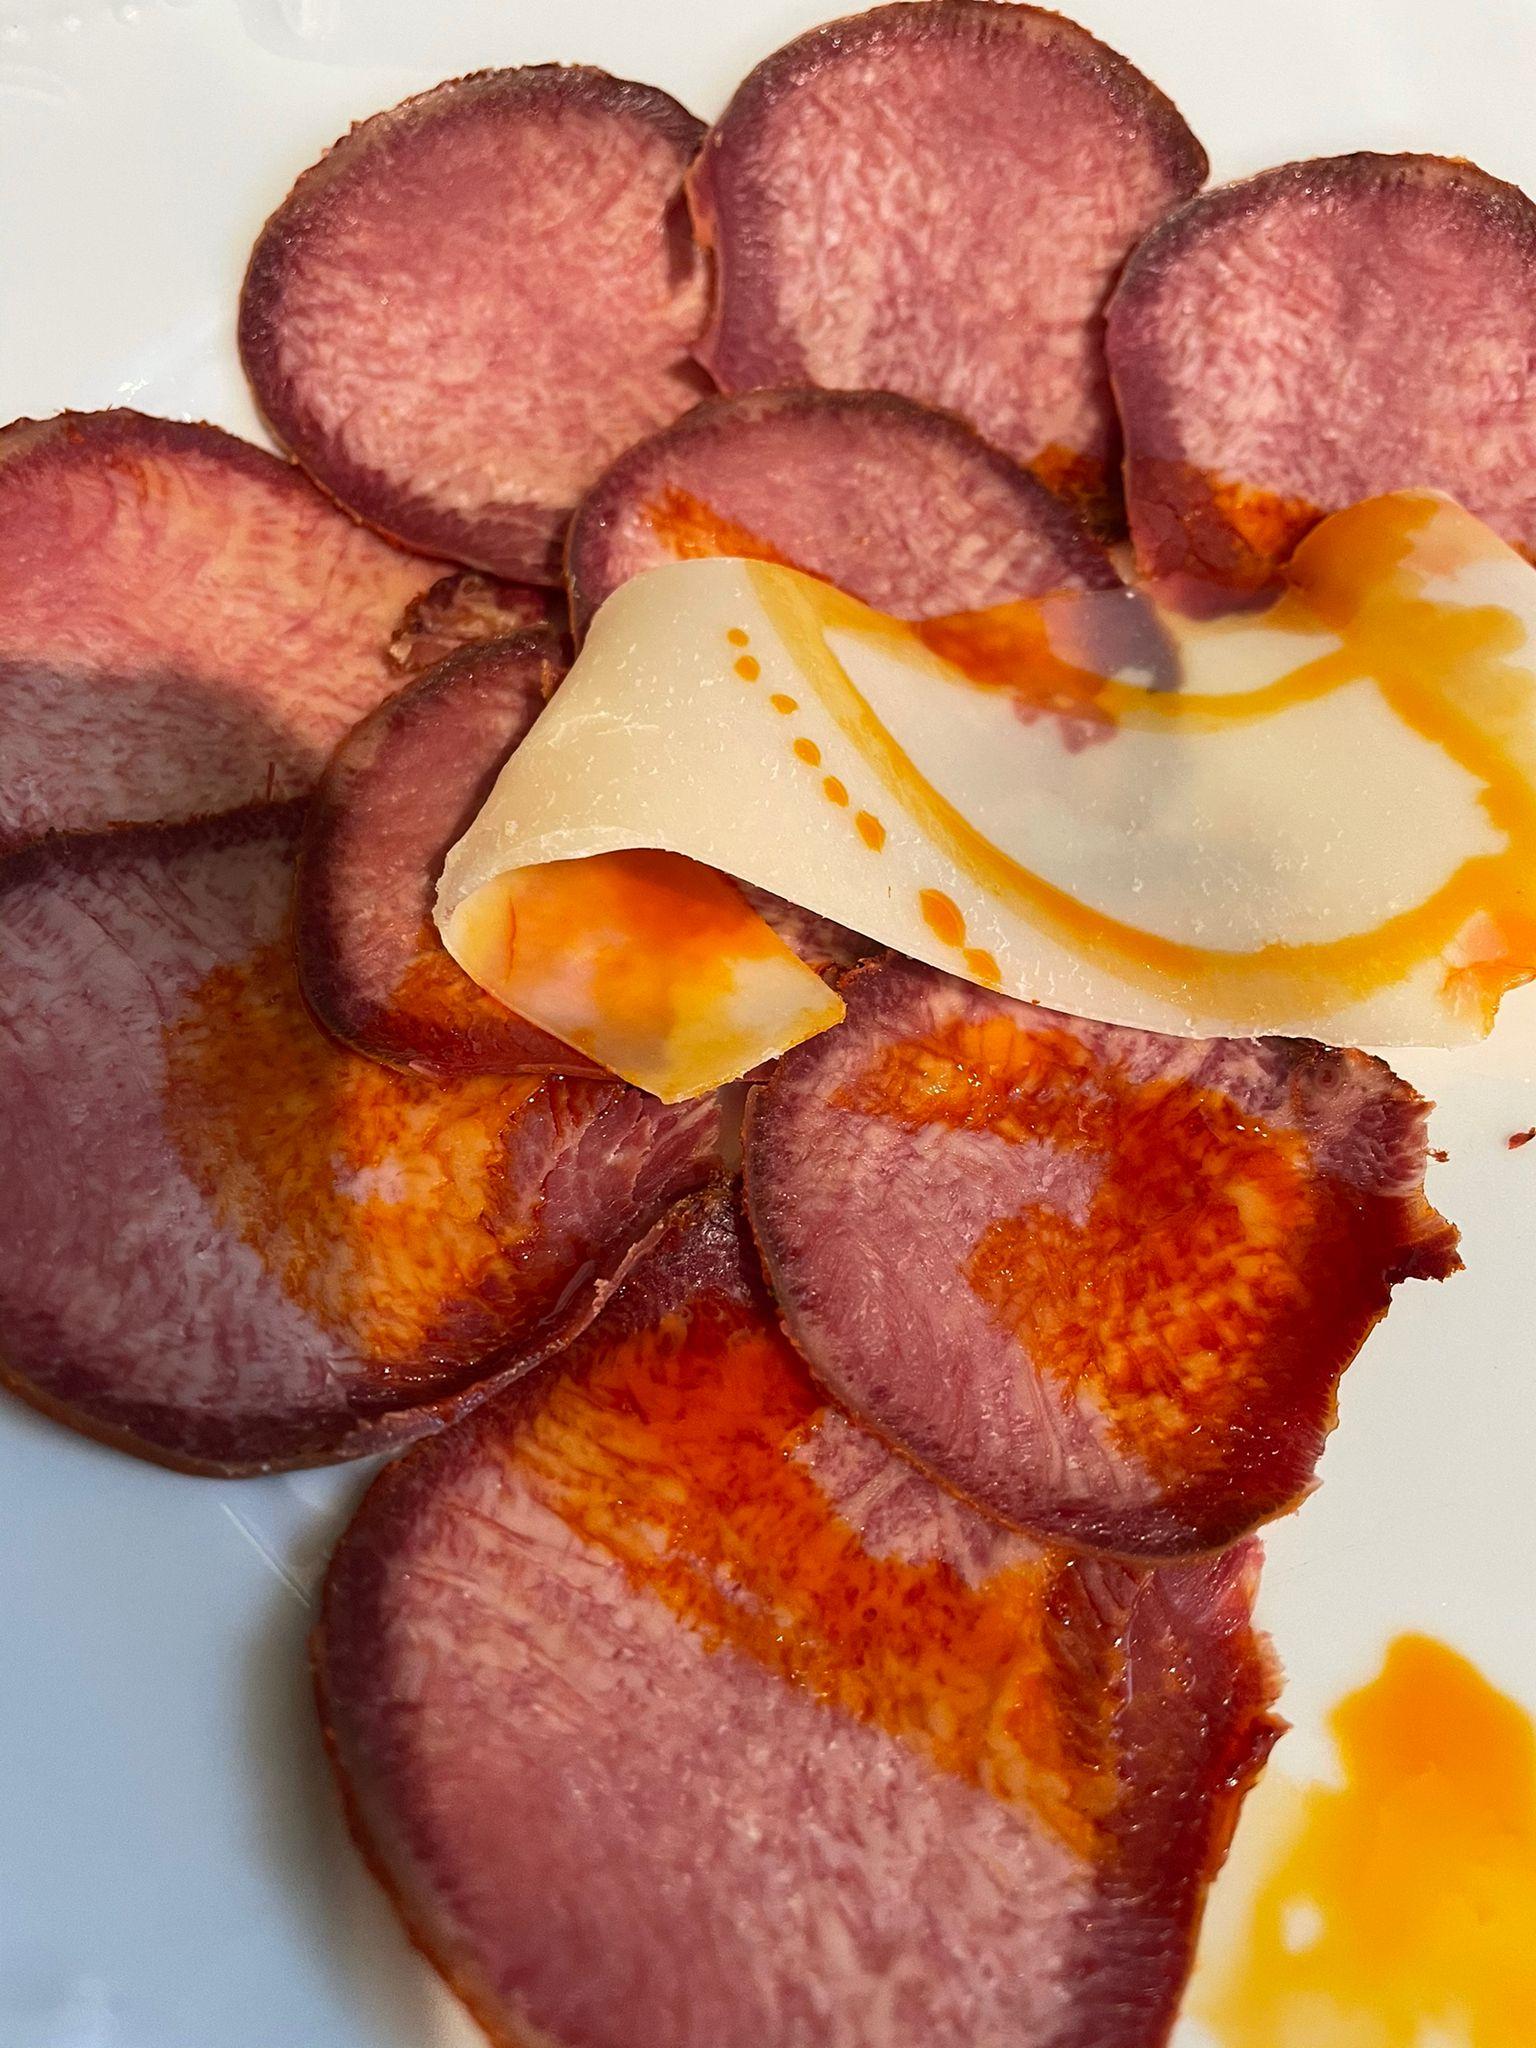 Reseñas gastronómicas: Restaurante Casa Mando de León 4